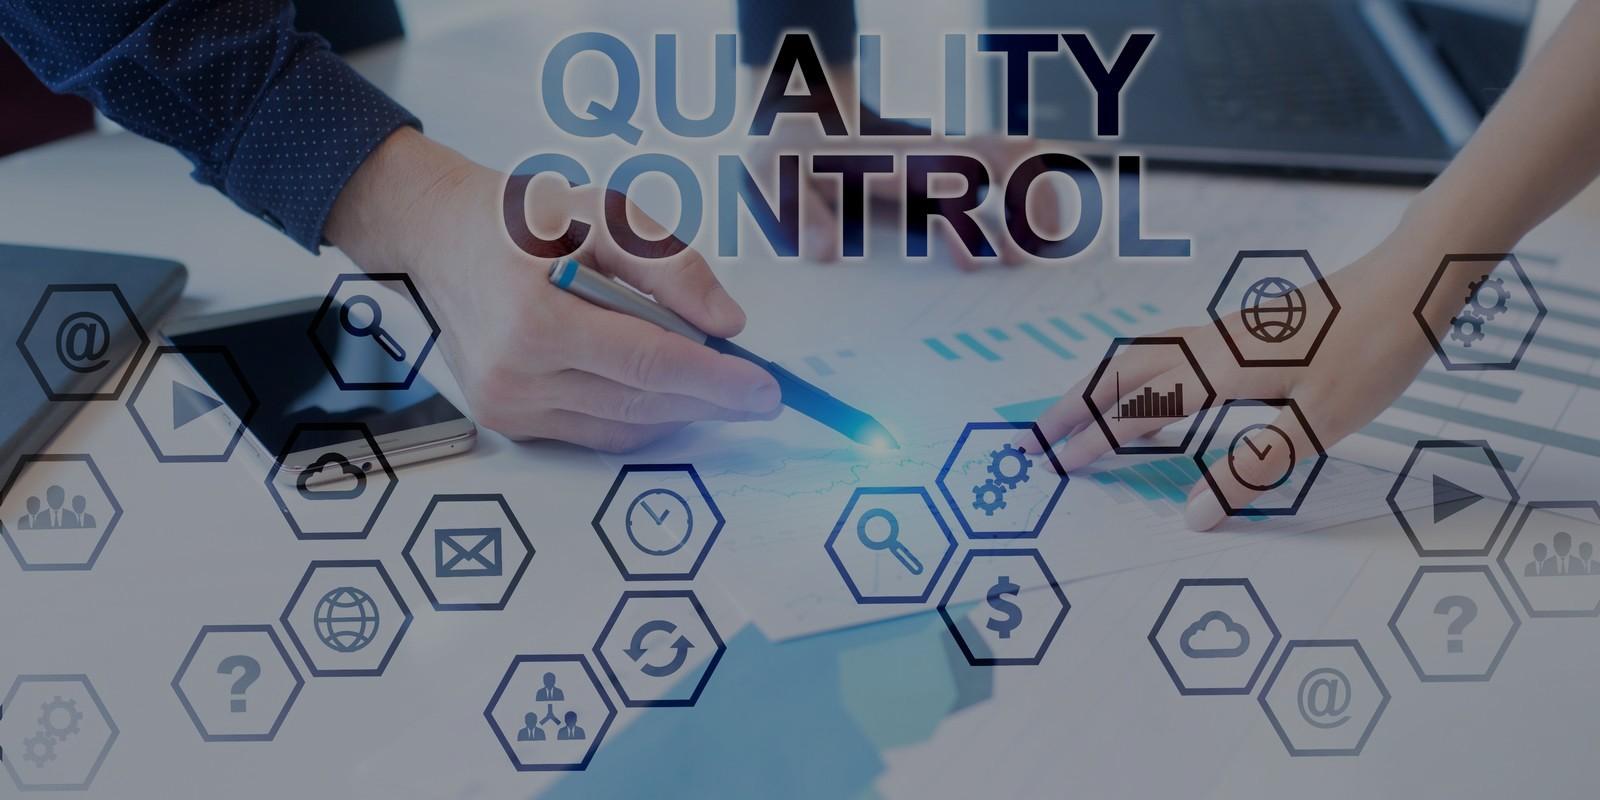 corsi qualità efficienza torino - Poliedra SPA